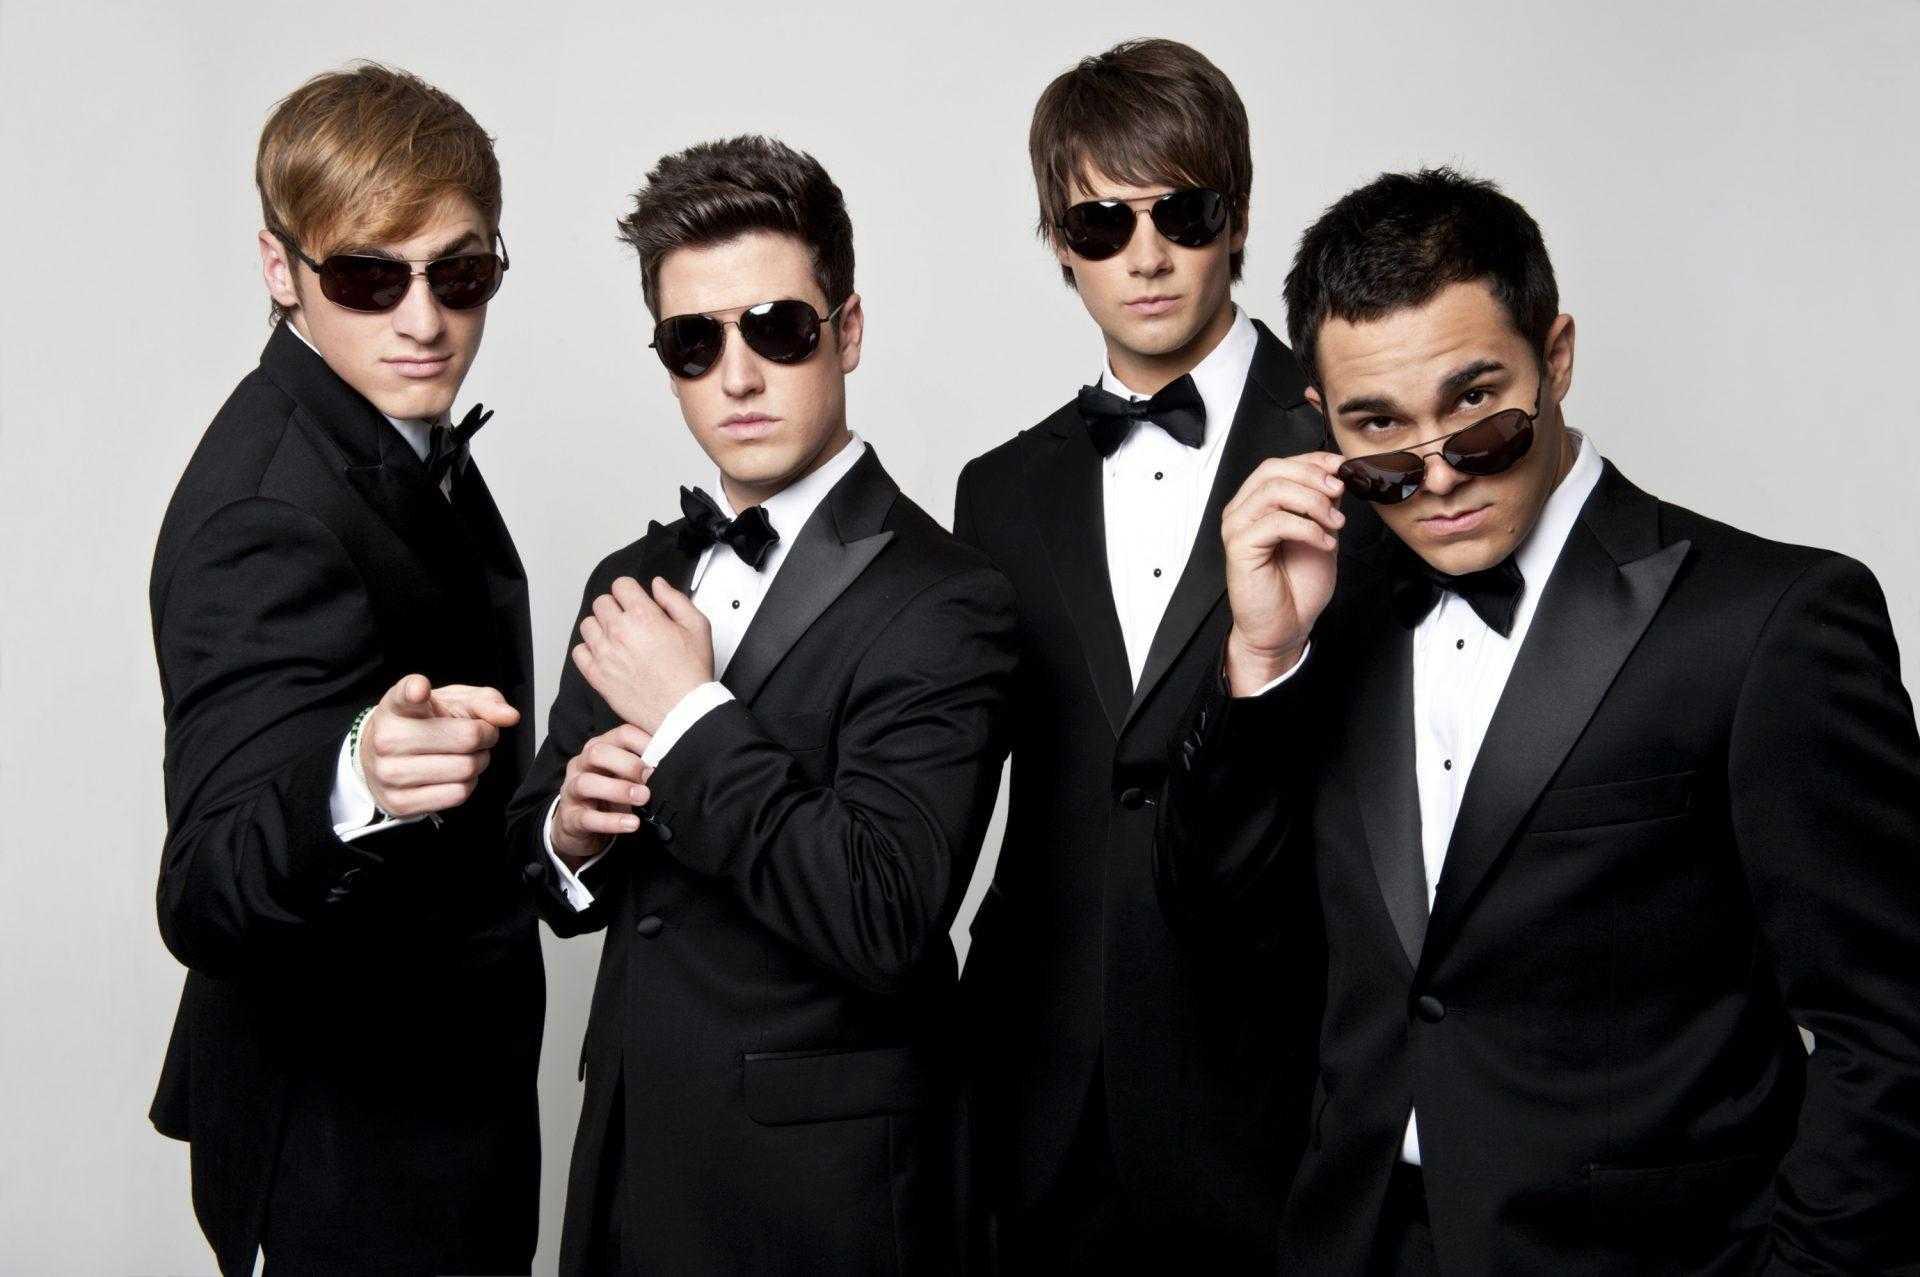 Da Lunedì 26 Marzo su Nickelodeon i nuovi episodi di Big Time Rush!  | Digitale terrestre: Dtti.it